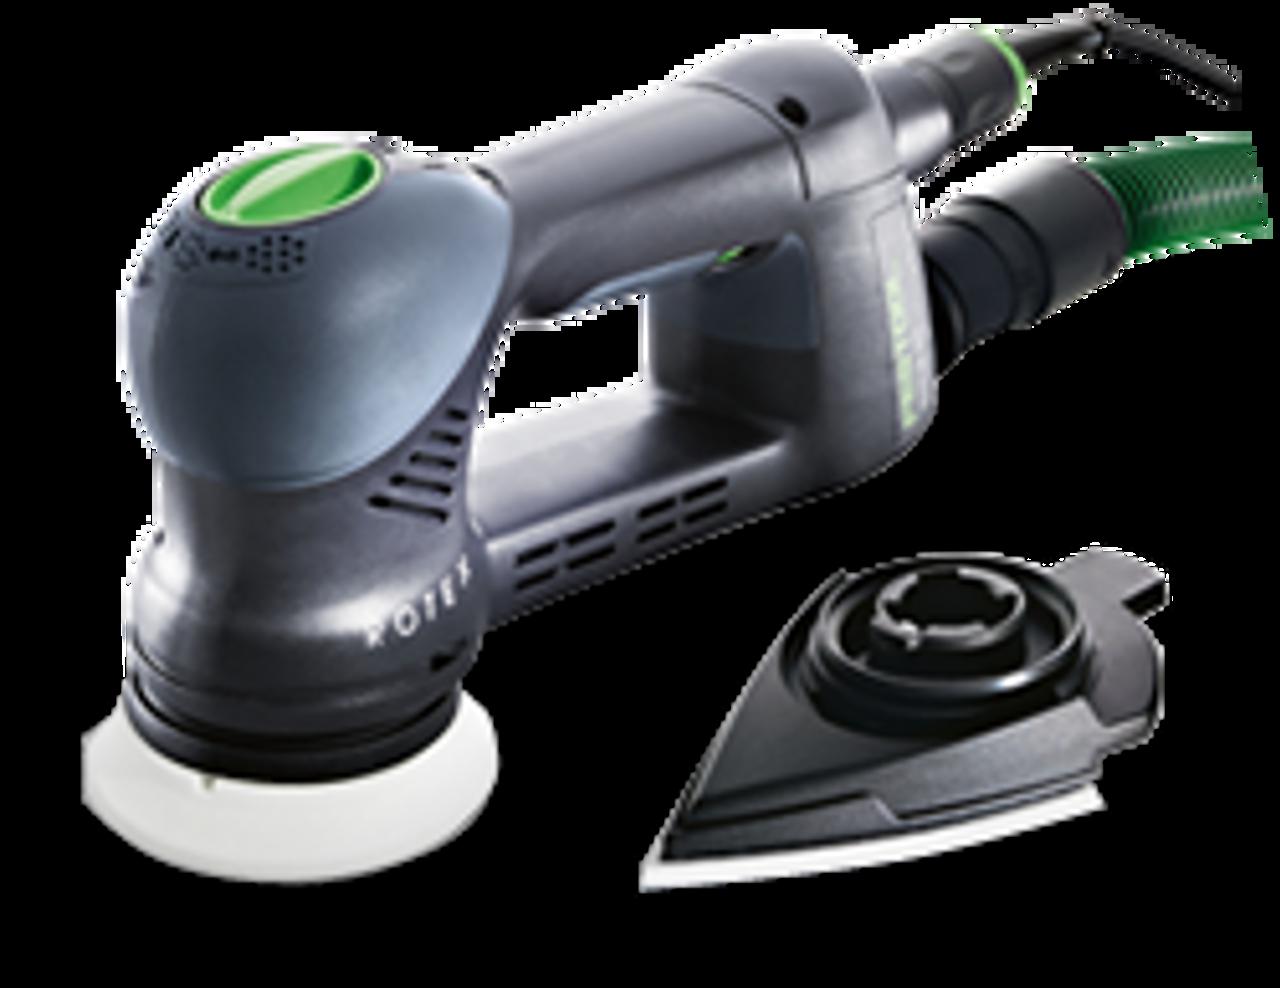 Festool 3 5 Inch Dual Mode Rotex Sander Ro 90 Feq 571823